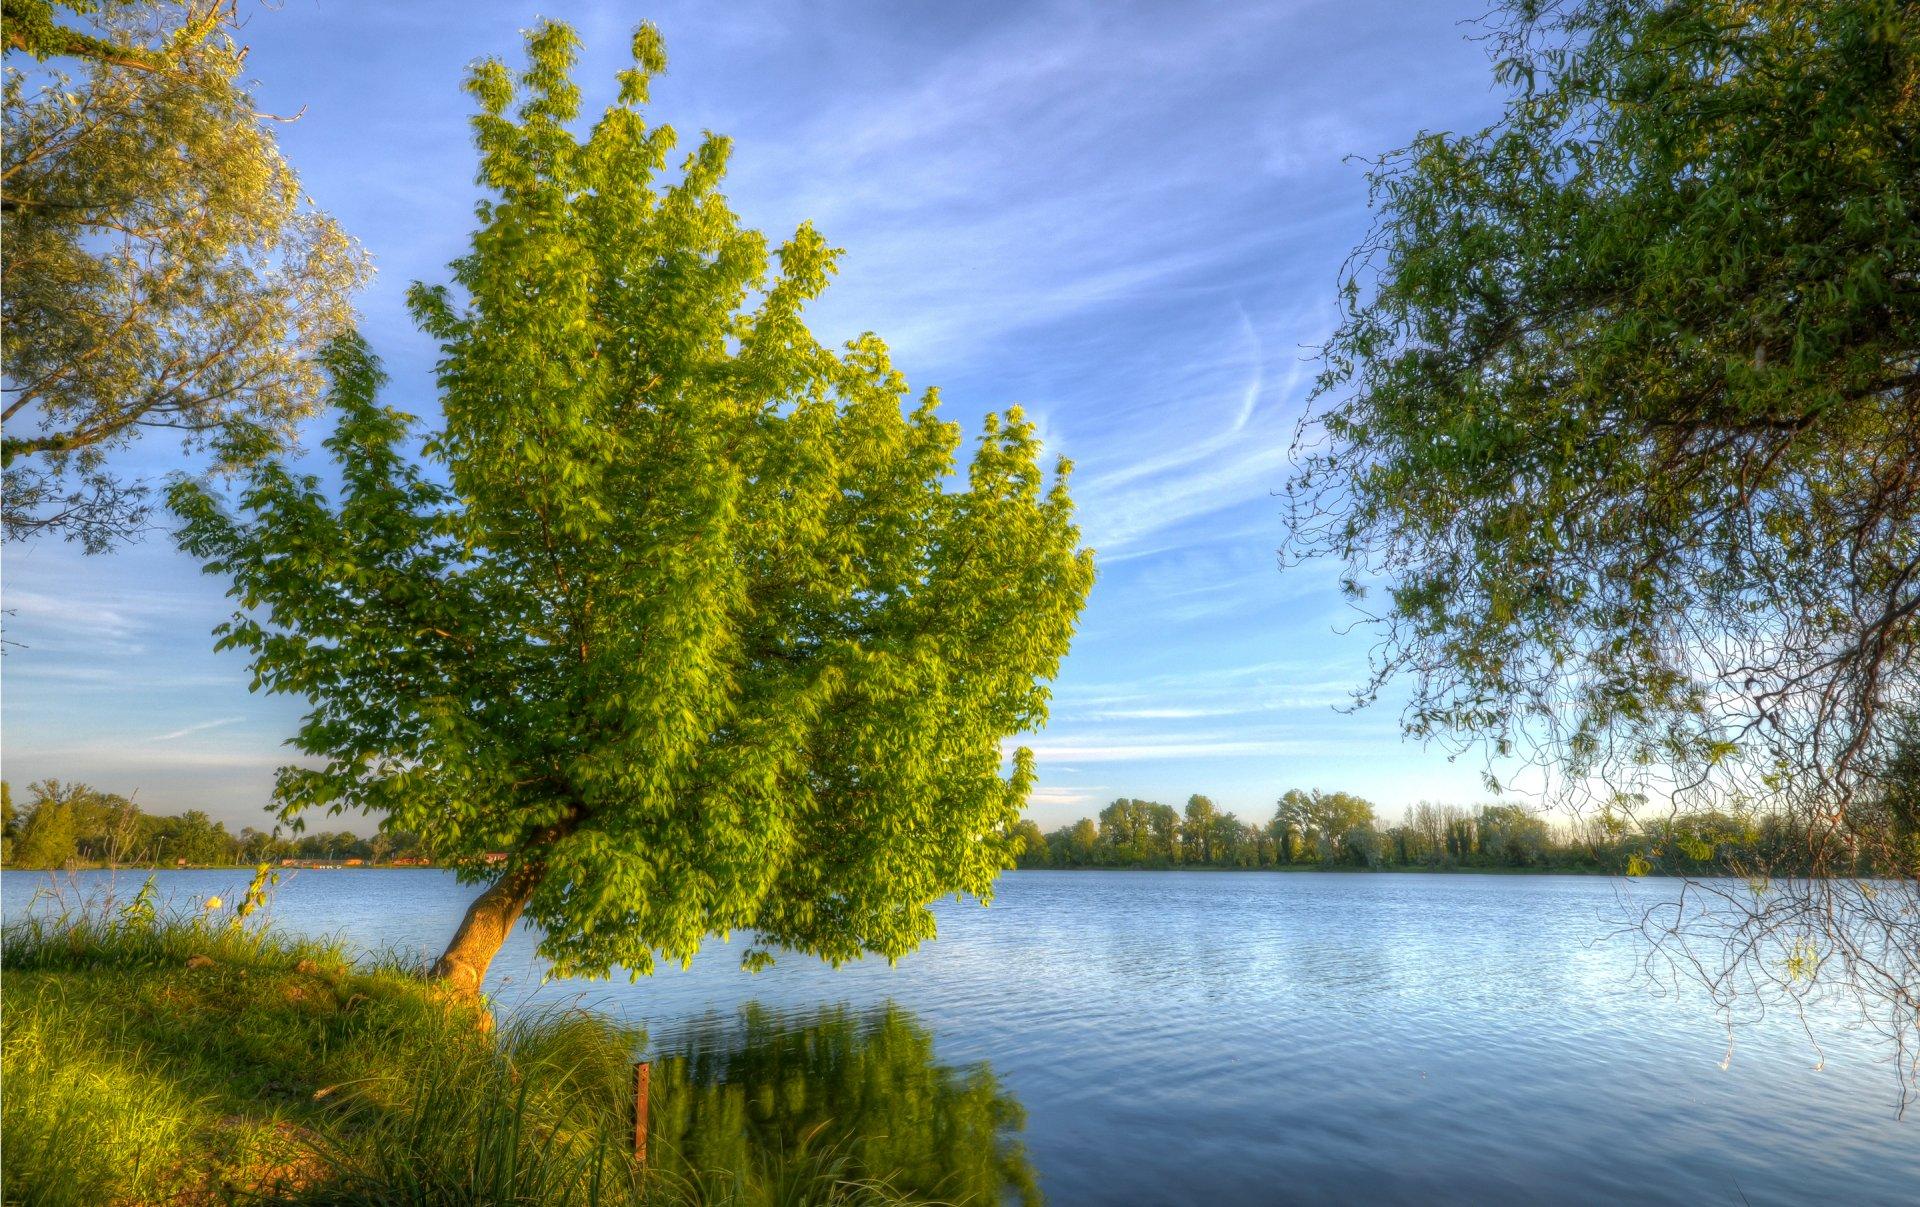 она препятствует фото деревья и река на рабочий стол конечно совсем согласен